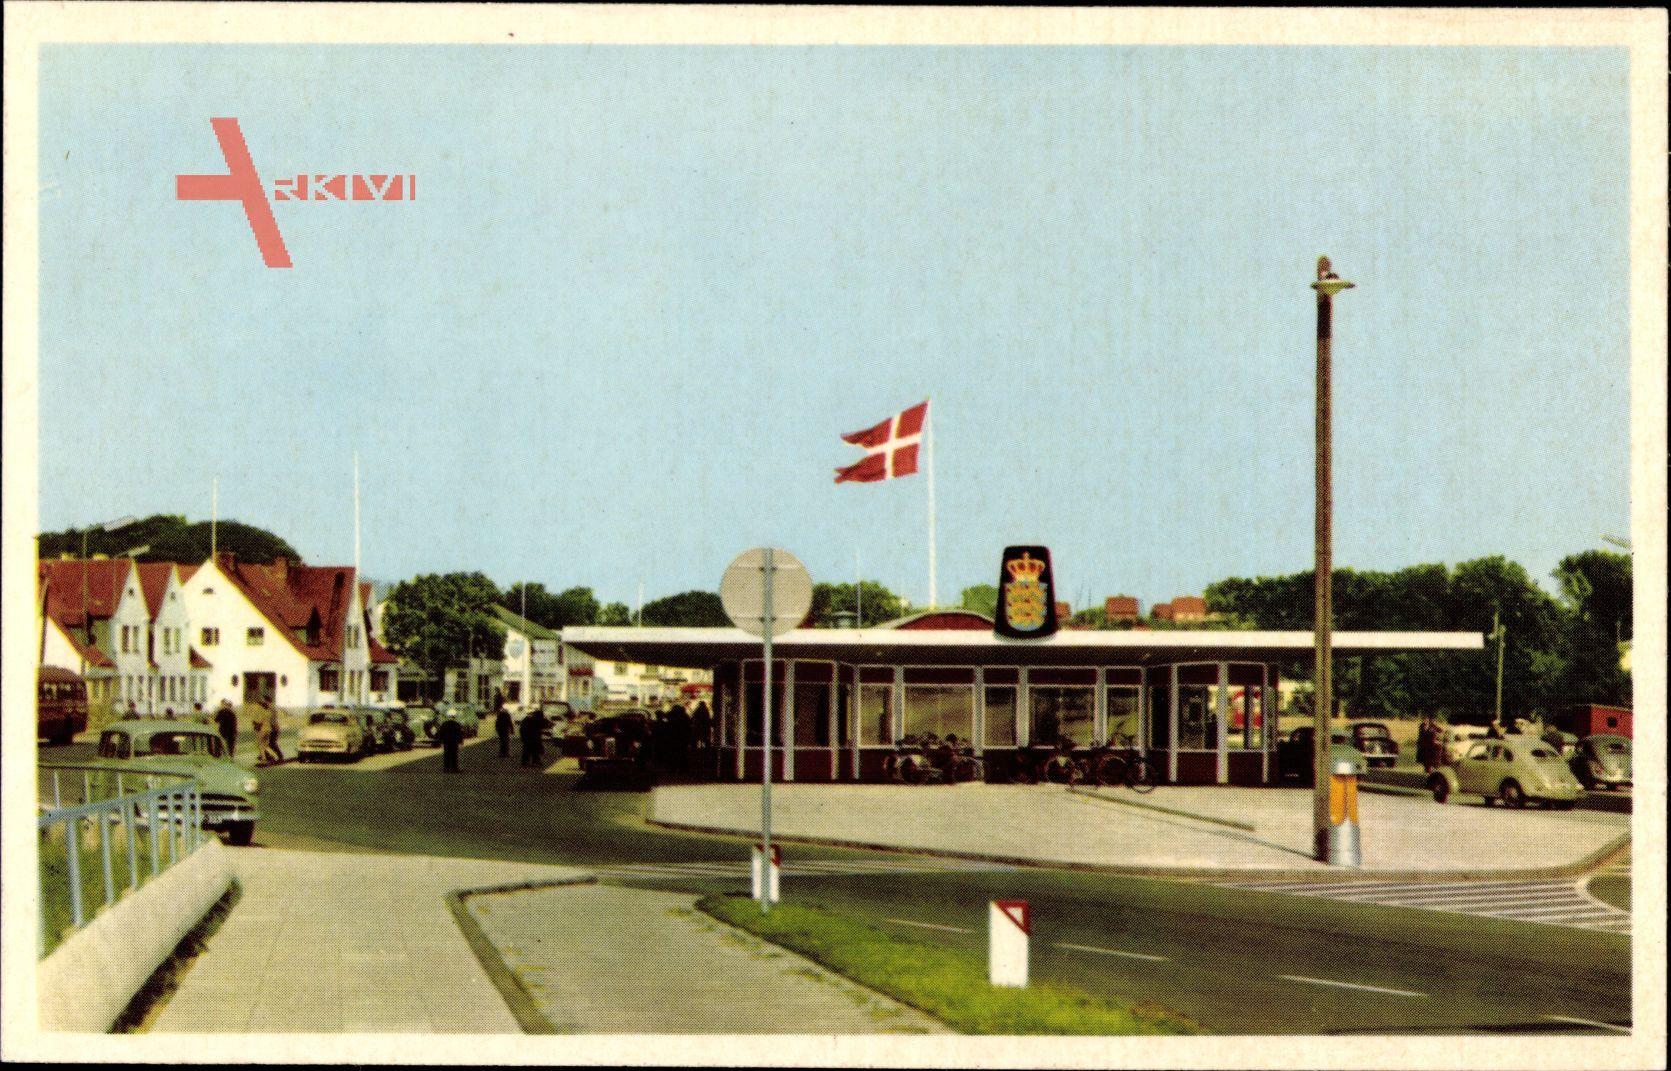 Krusaa Dänemark, Blick auf die Grenze, Graensen, Autos, Fahne